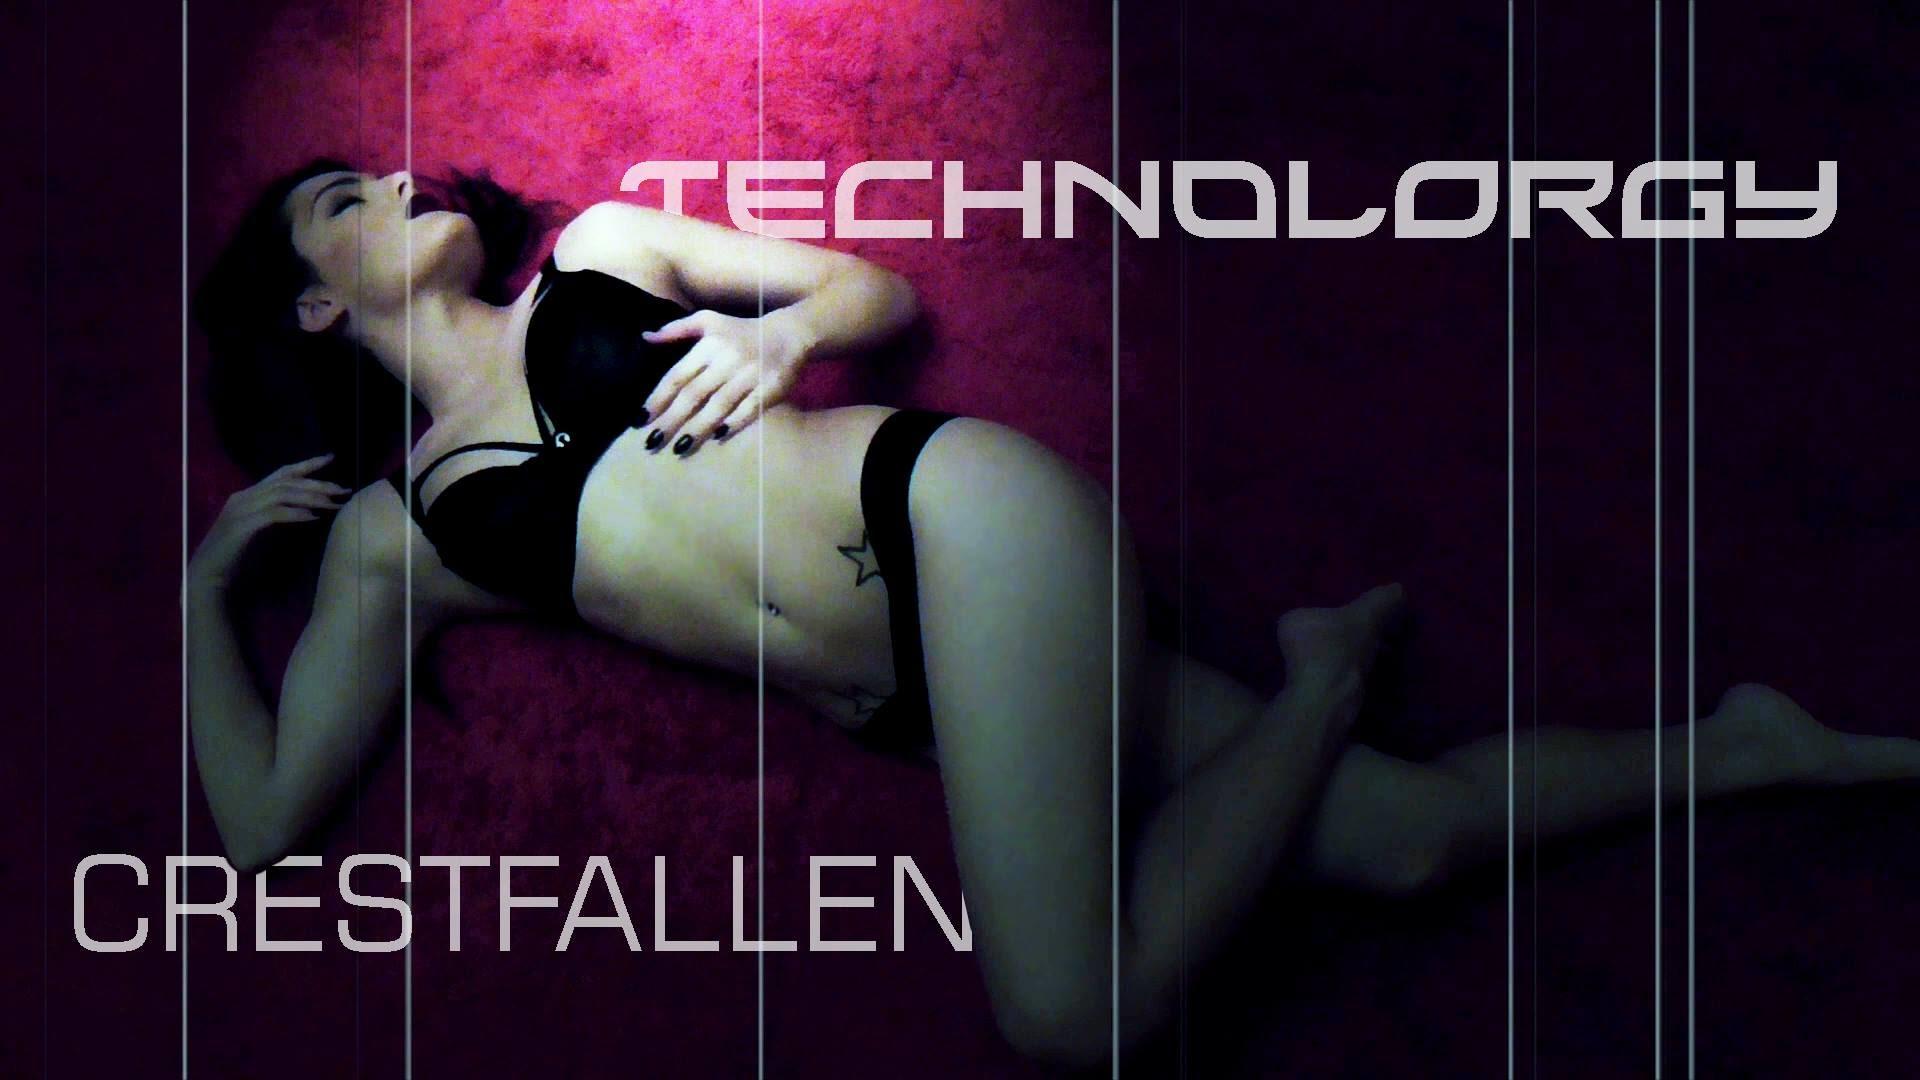 music technolorgy 8211 crestfallen